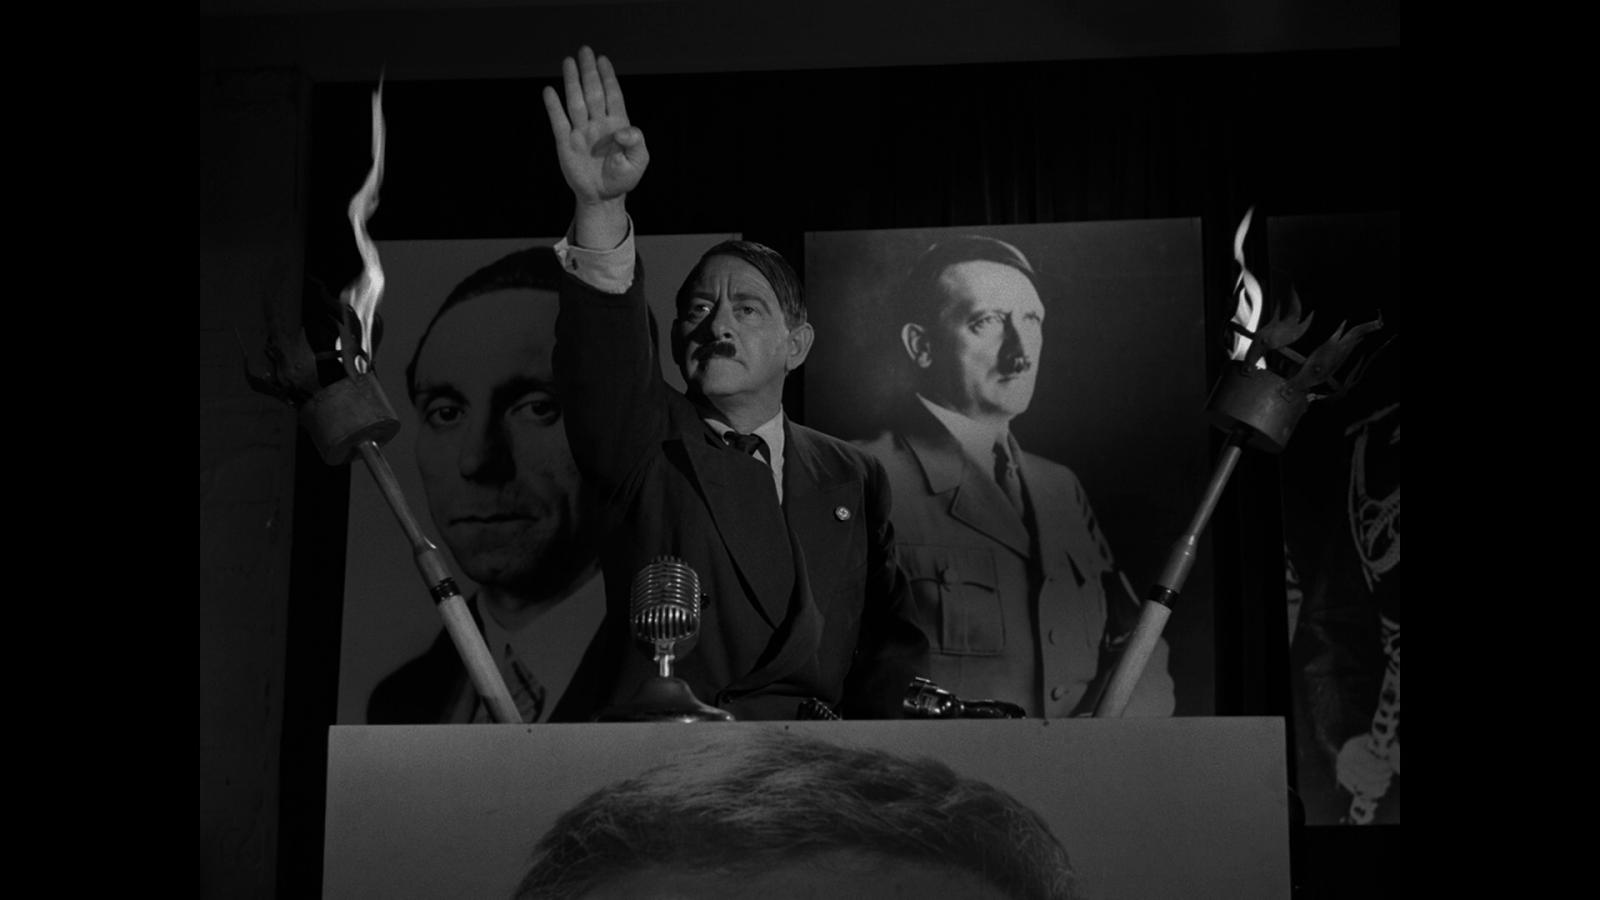 Paul Mazursky Twilight Zone